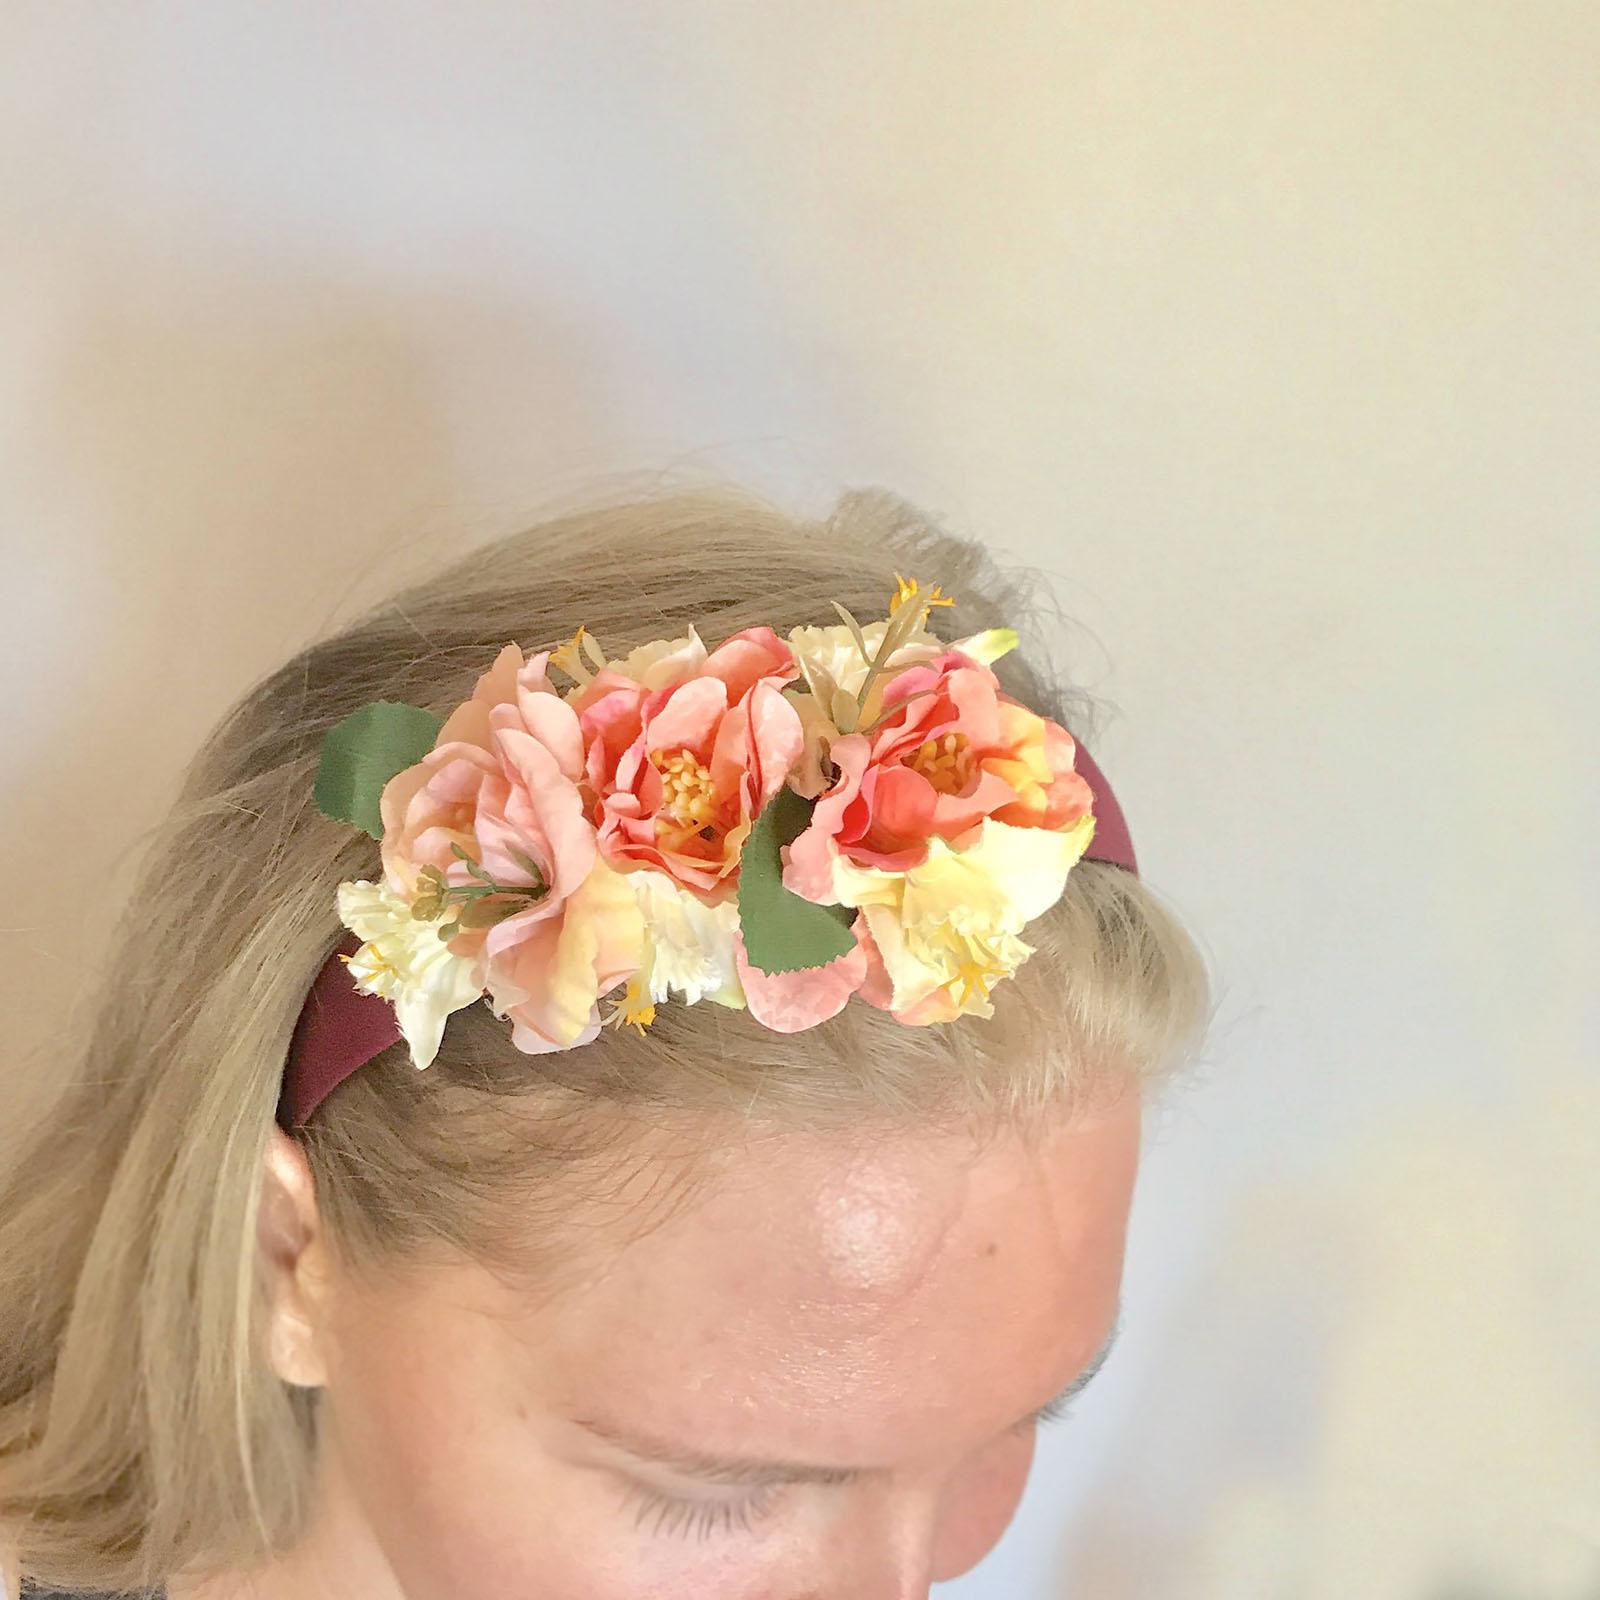 plauku geliu lankelis ranu darbo dovanos moterims merginoms panelems ziedlapiu lankeliai dovana mergvakario lankelis aksesuarai papuosalai moterims 13